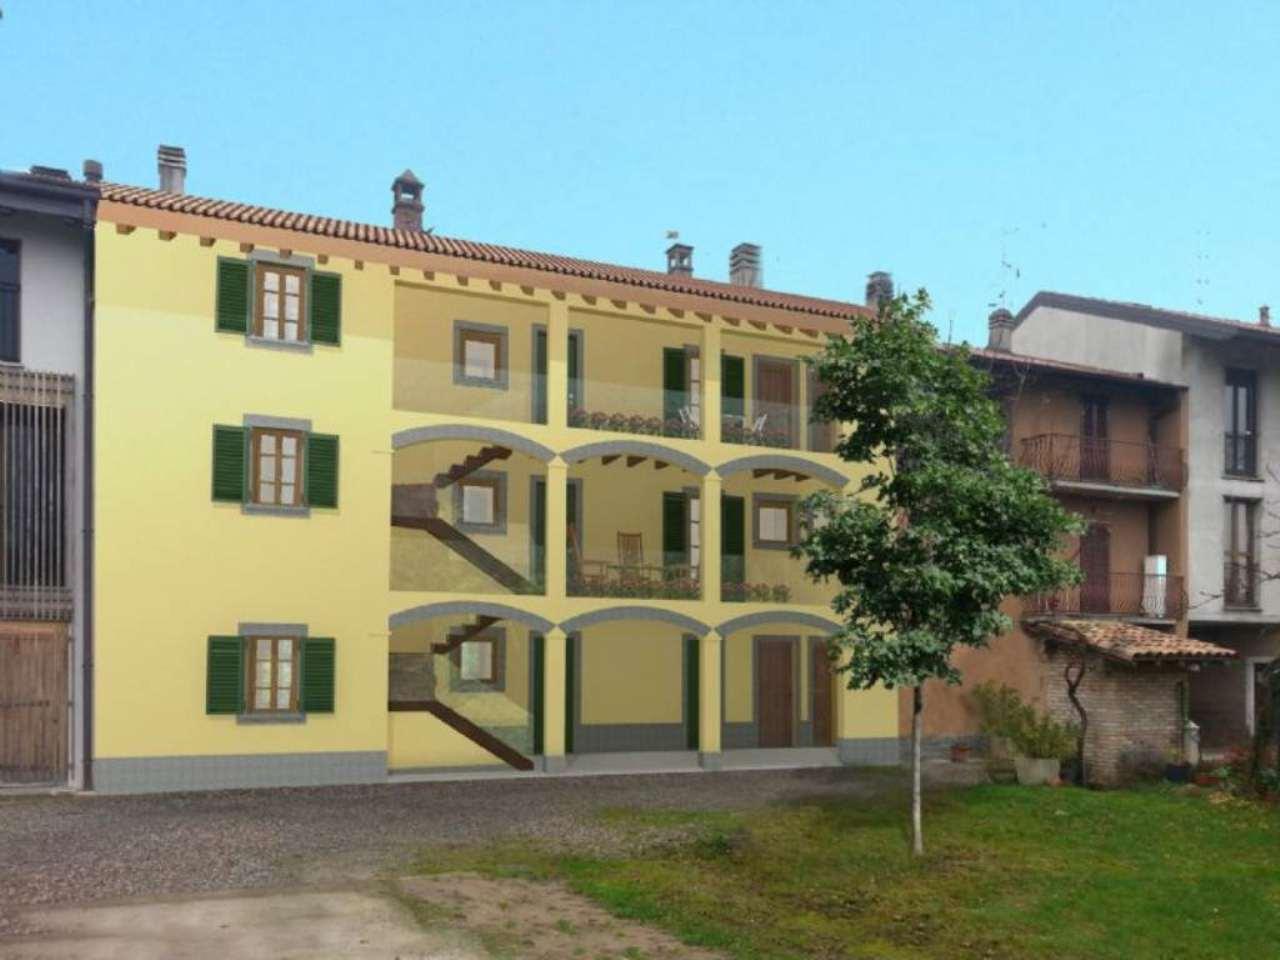 Appartamento in vendita a Cagno, 3 locali, prezzo € 40.000 | Cambio Casa.it